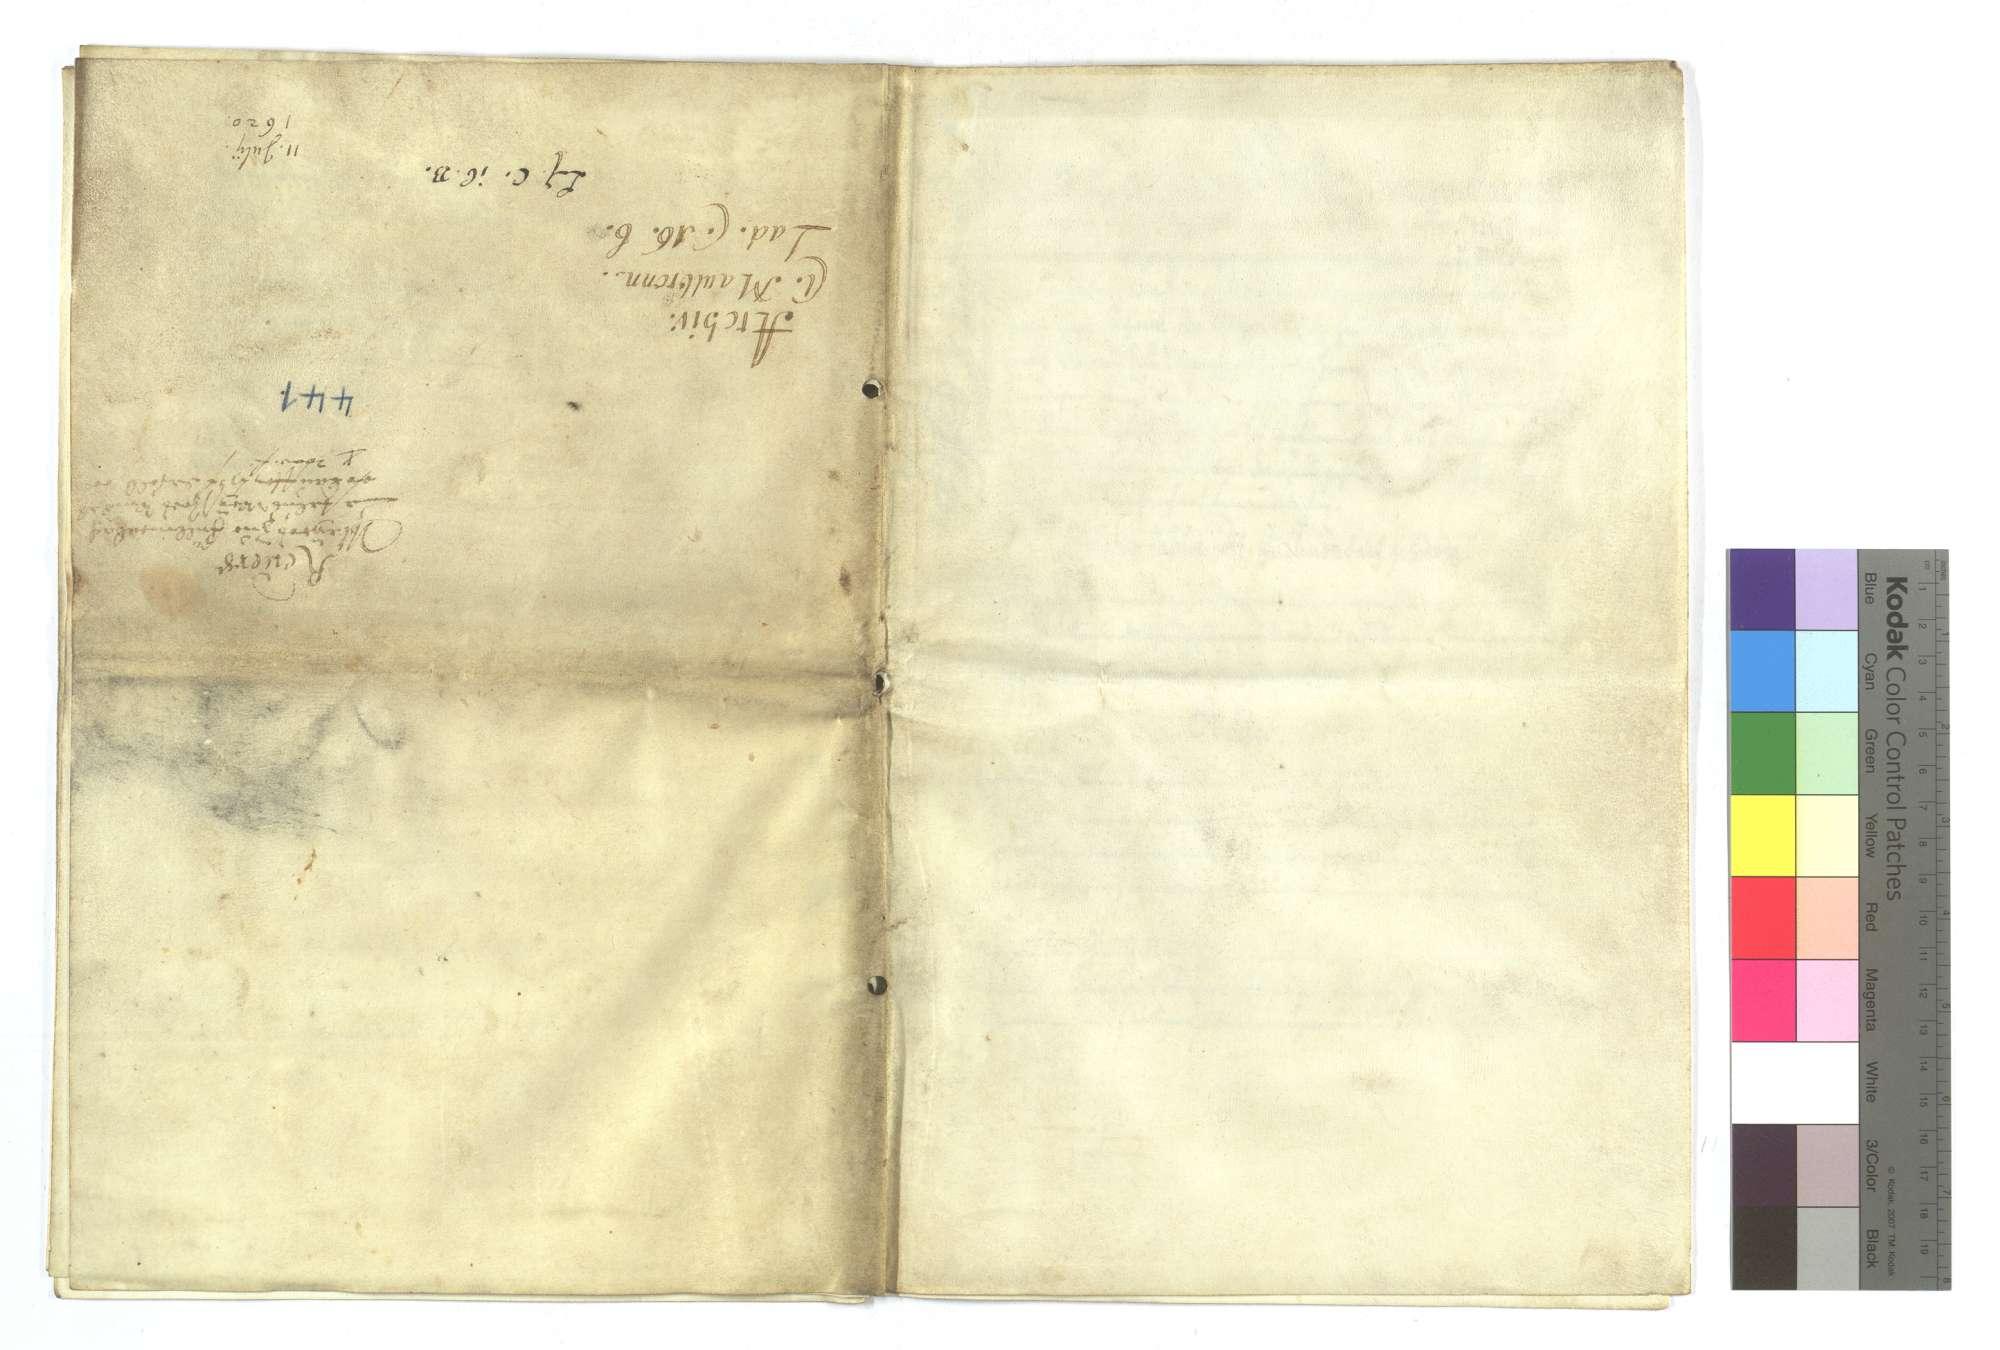 Verschreibung Castolus Weissers von Illingen, als Herzog Johann Friedrich ihm den Füllmenbacher Hof um 2.000 Gulden verkauft und noch ein bezeichnetes Stück Wald für 100 Gulden in den Kauf gegeben hat., Bild 1